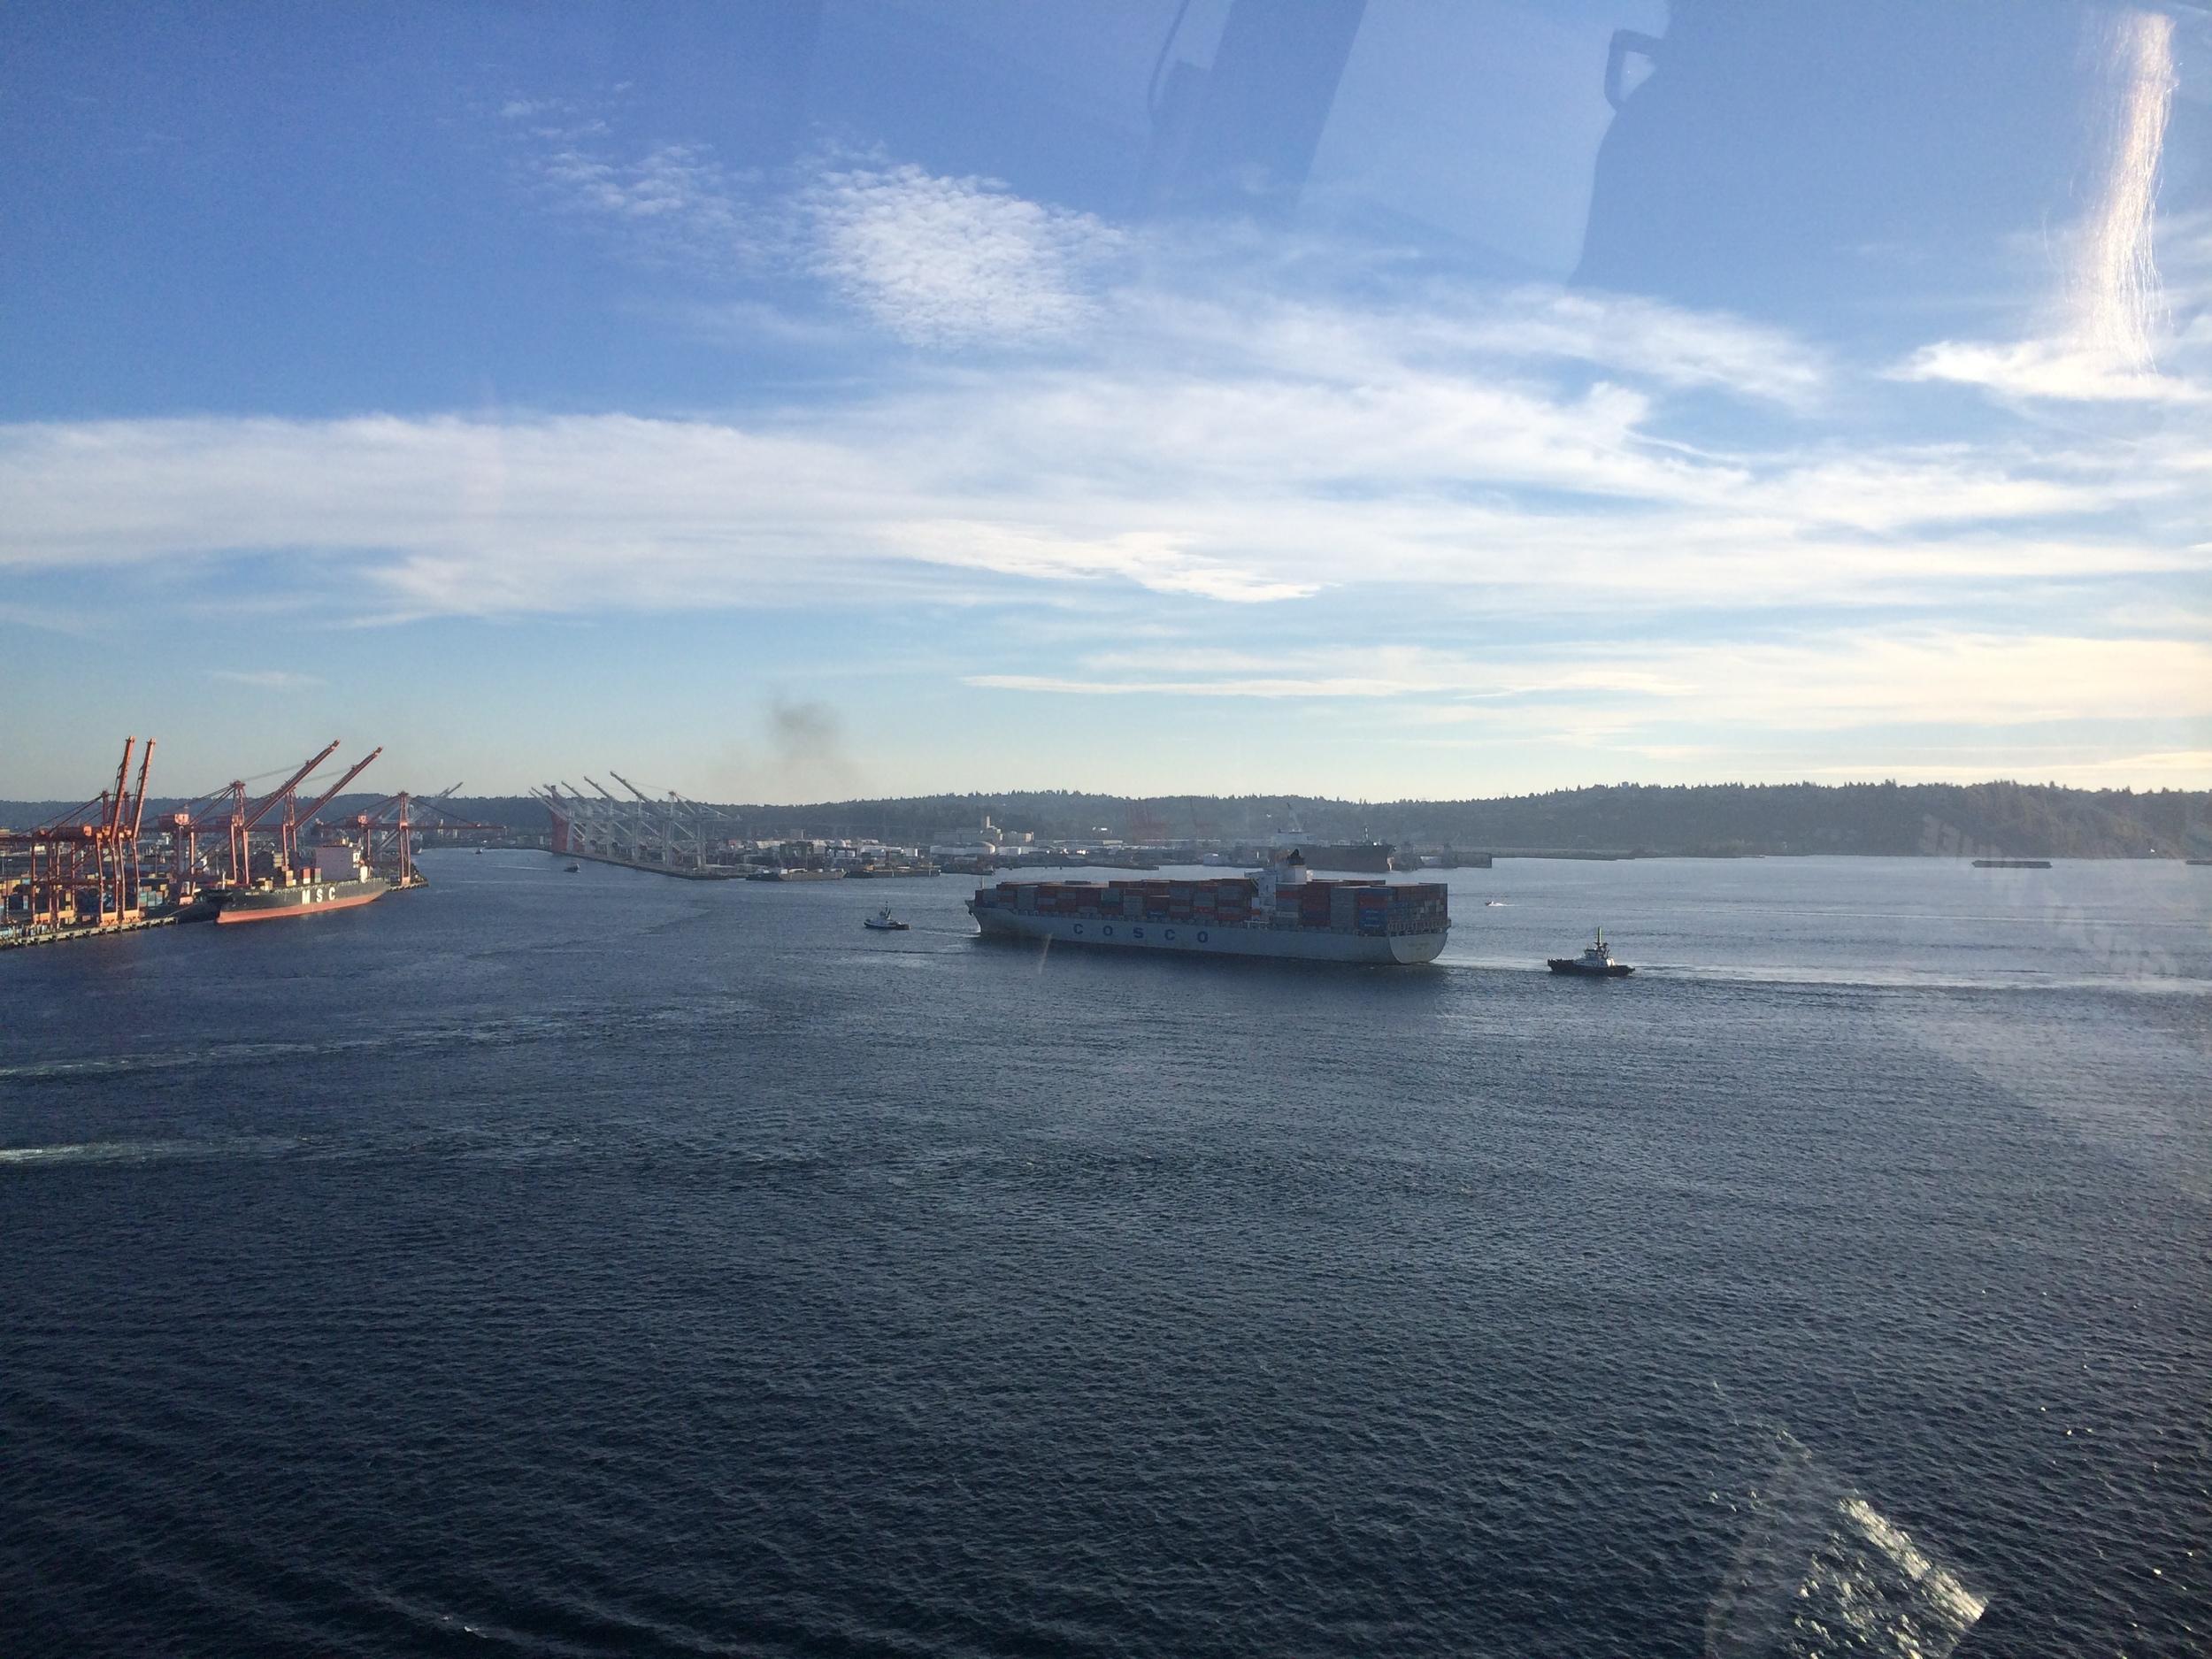 Tug pulling a barge on Elliot Bay...